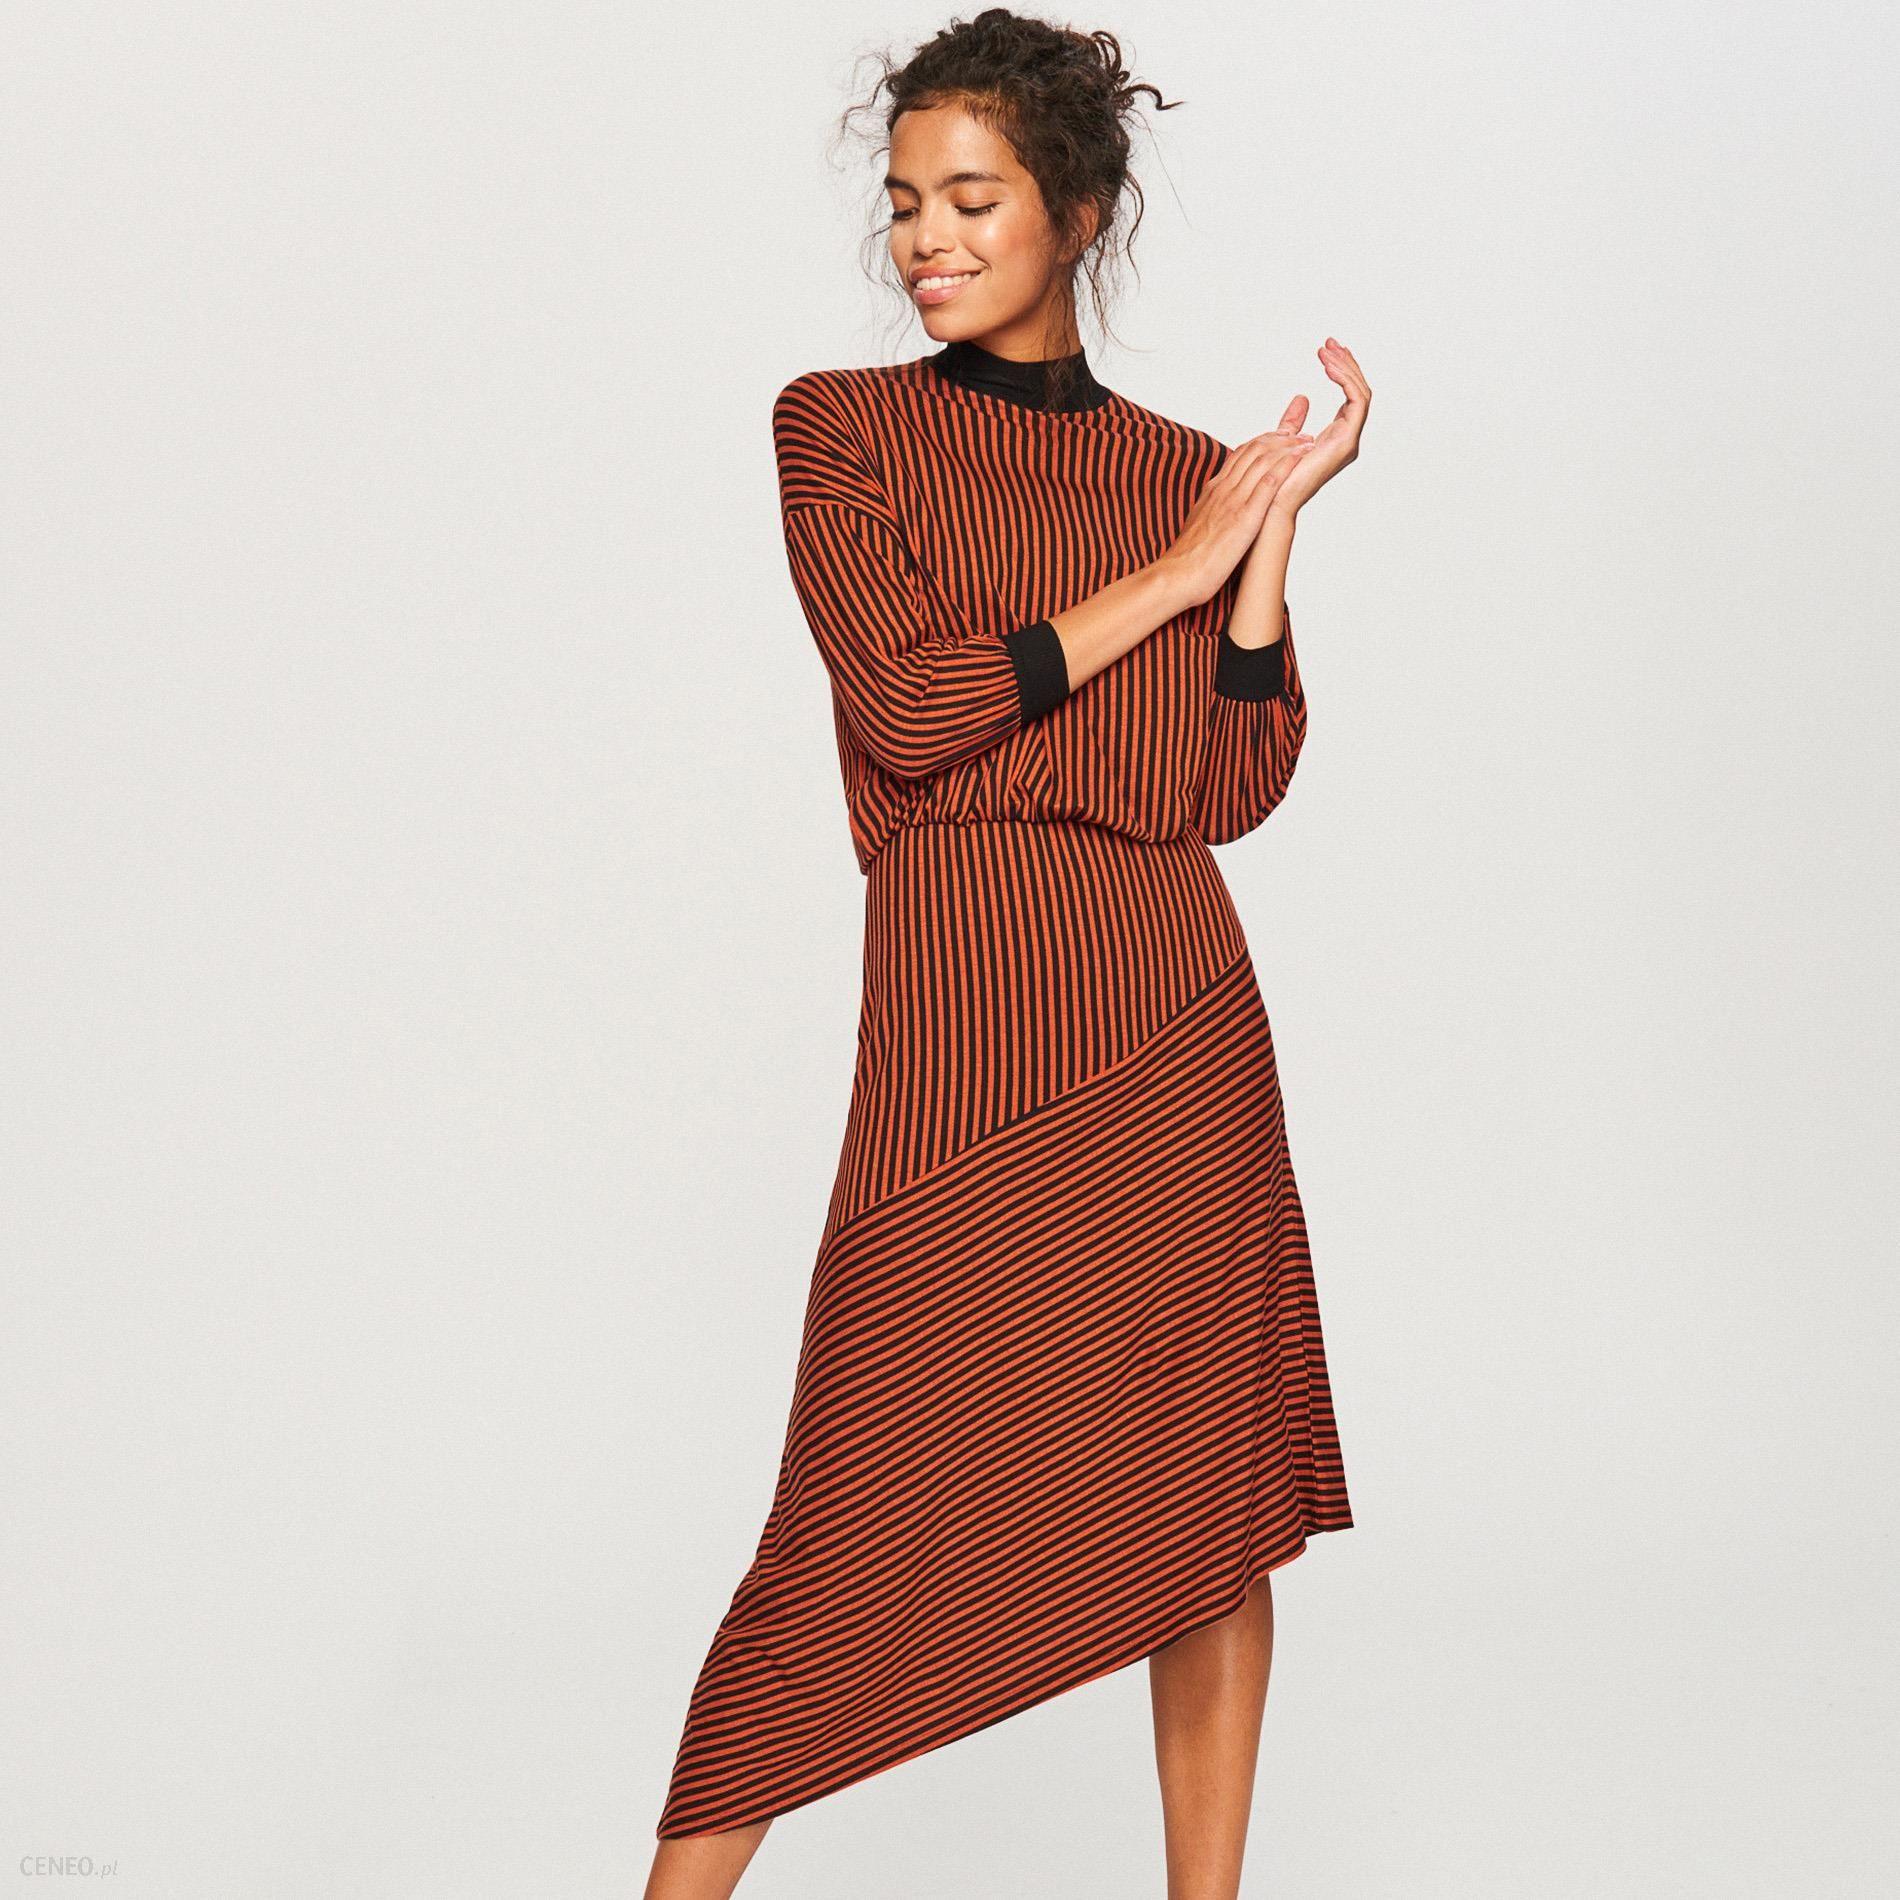 fde6e94d36 Reserved - Dzianinowa sukienka - Wielobarwn - Ceny i opinie - Ceneo.pl